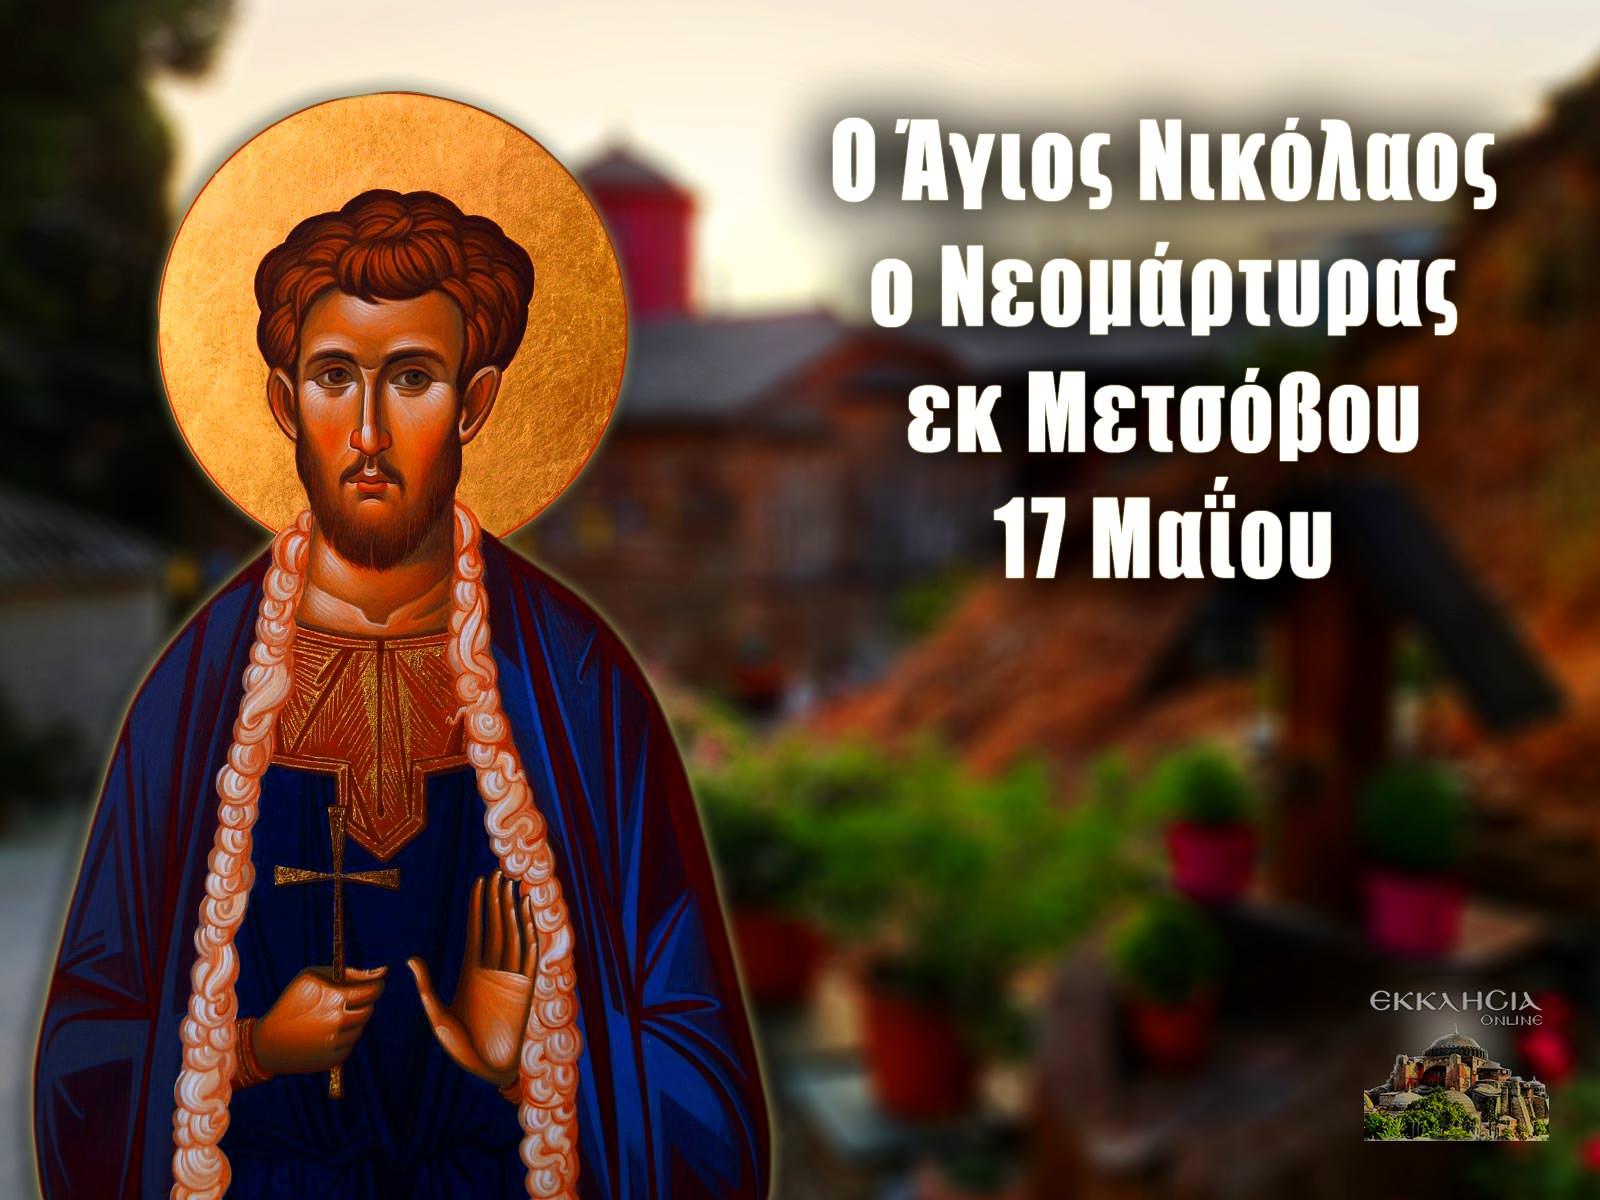 Άγιος Νικόλαος εκ Μετσόβου 17 Μαΐου